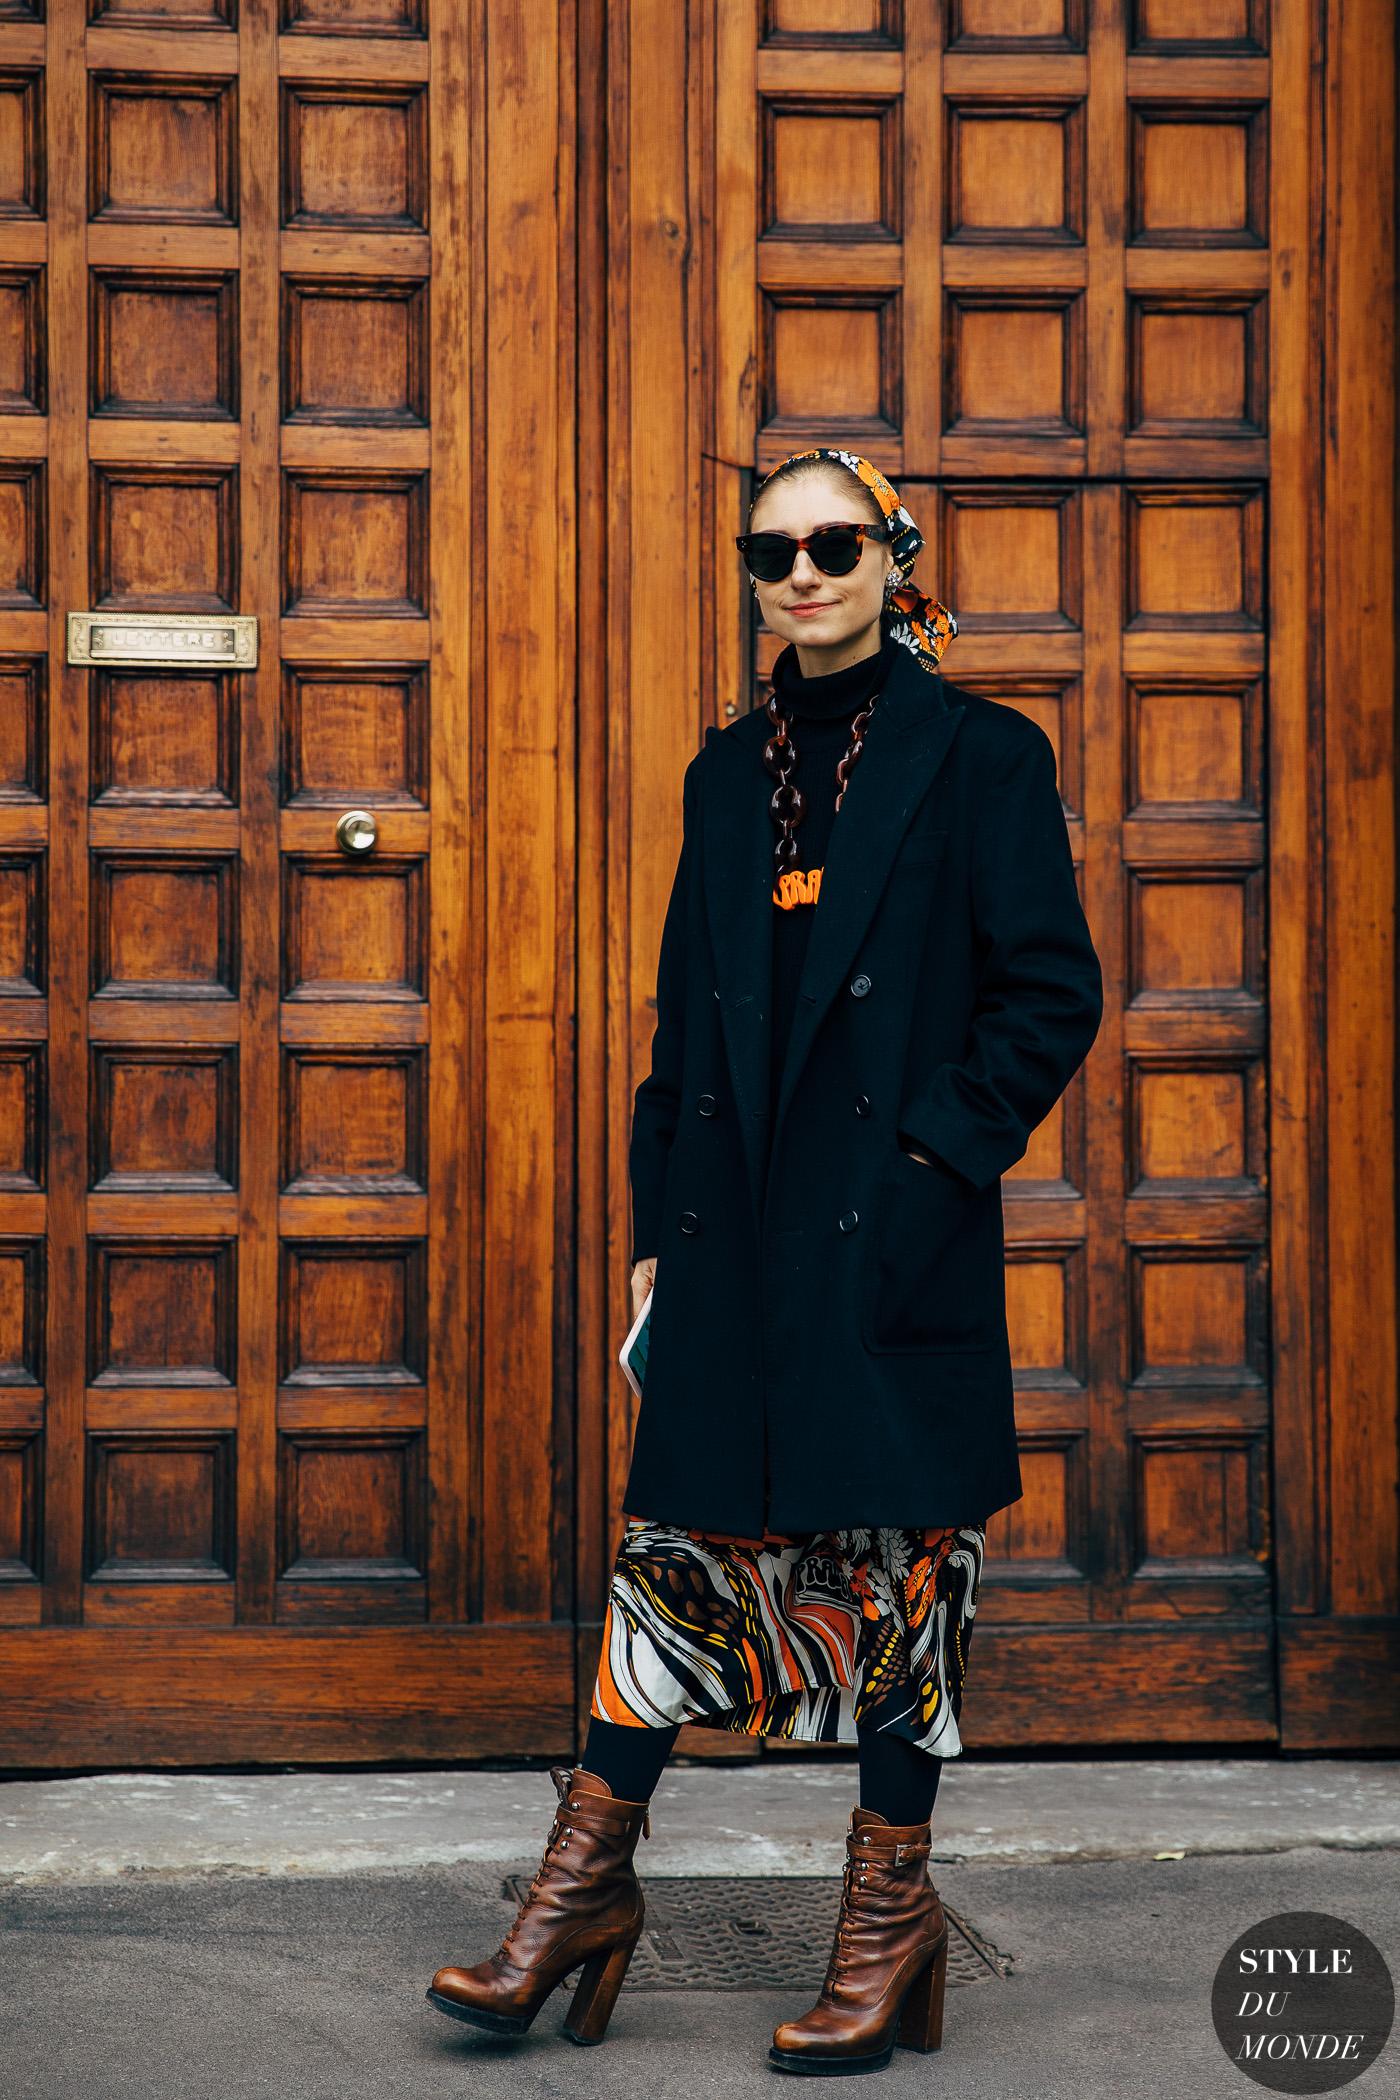 thời trang cung hoàng đạo nhân mã - váy họa tiết và áo khoác đen dáng dài